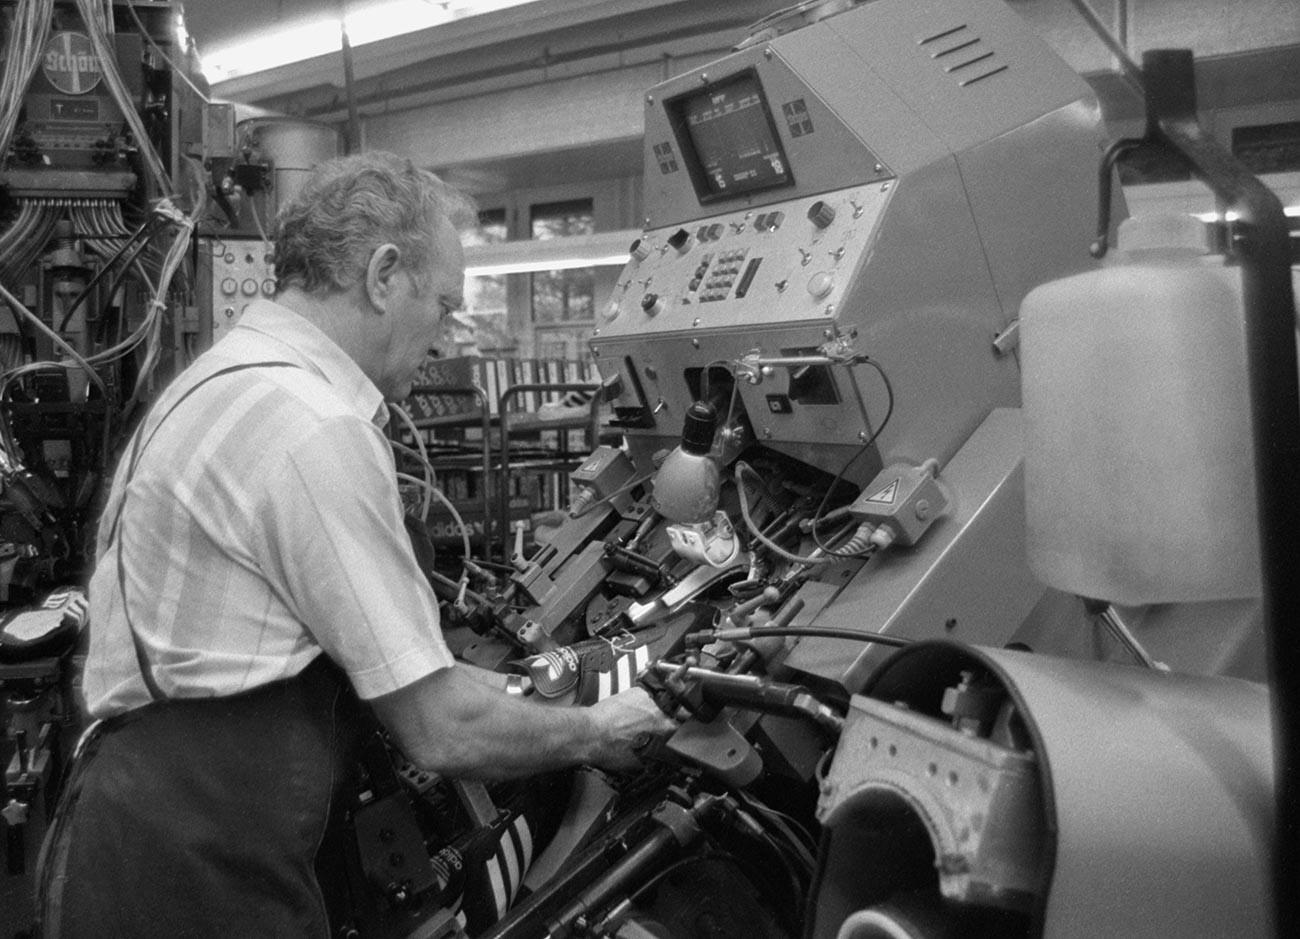 Delavec v proizvodnji priljubljene športne obutve podjetja Adidas, ki je sodelovalo s Sovjetsko zvezo.